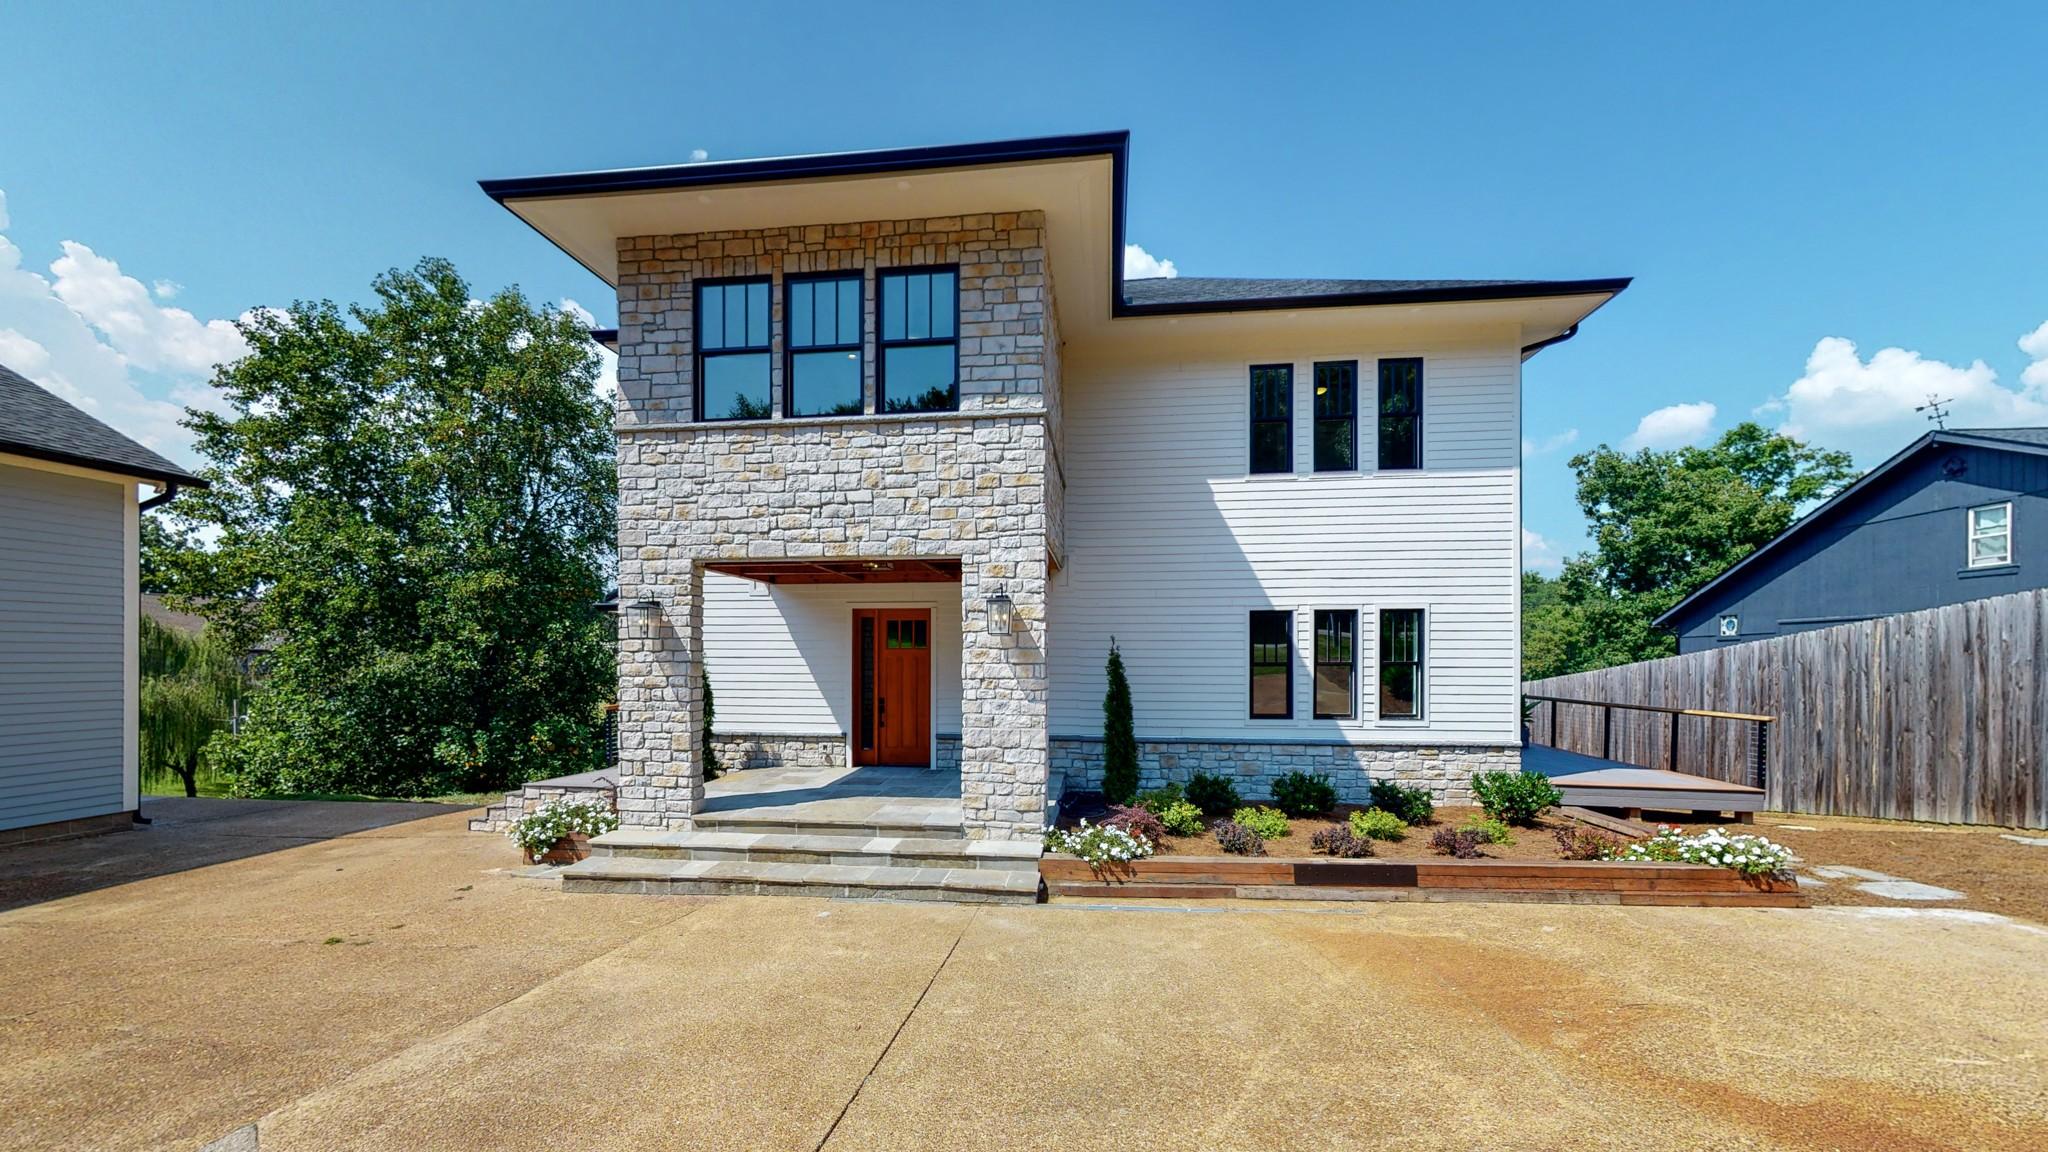 541 Lakeview Cir Property Photo 1